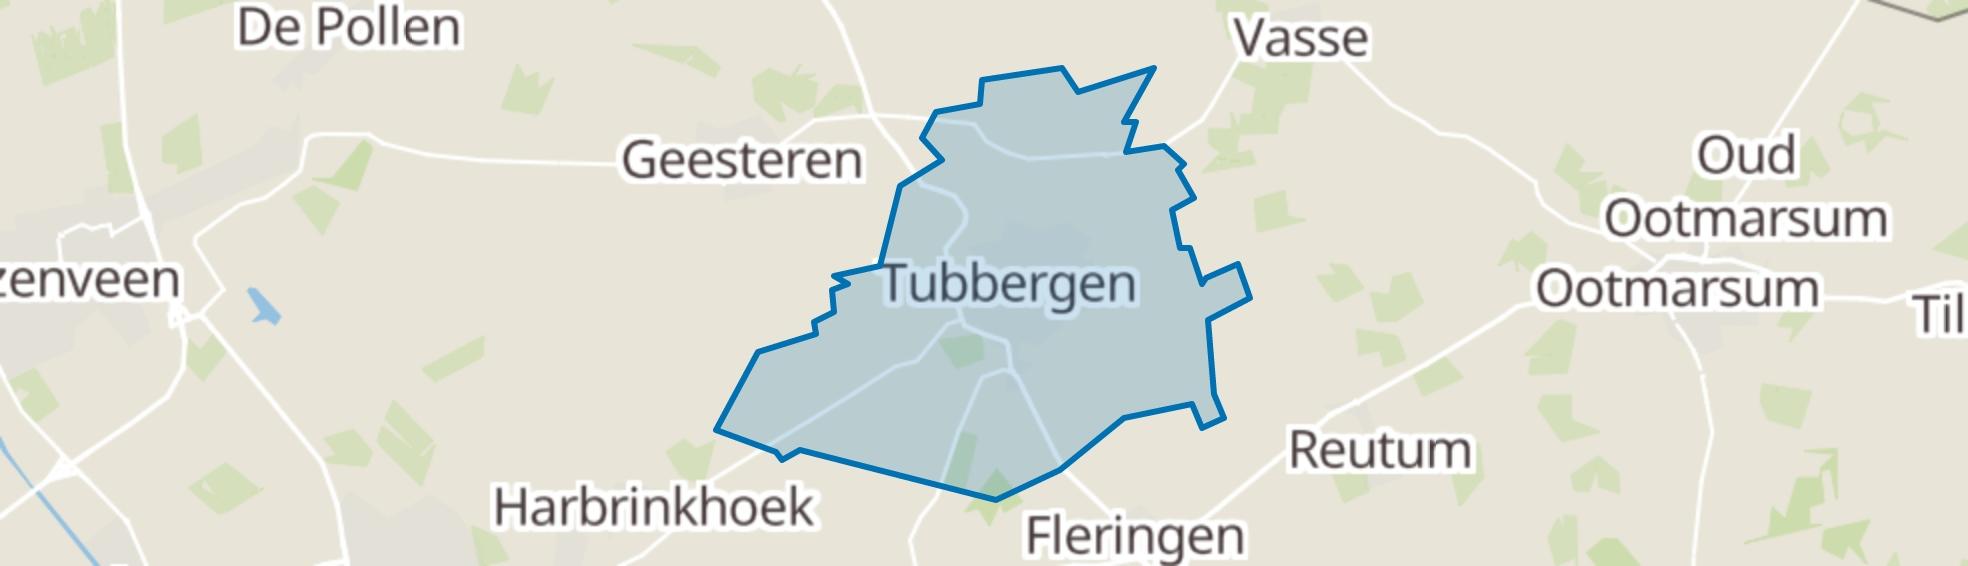 Tubbergen map